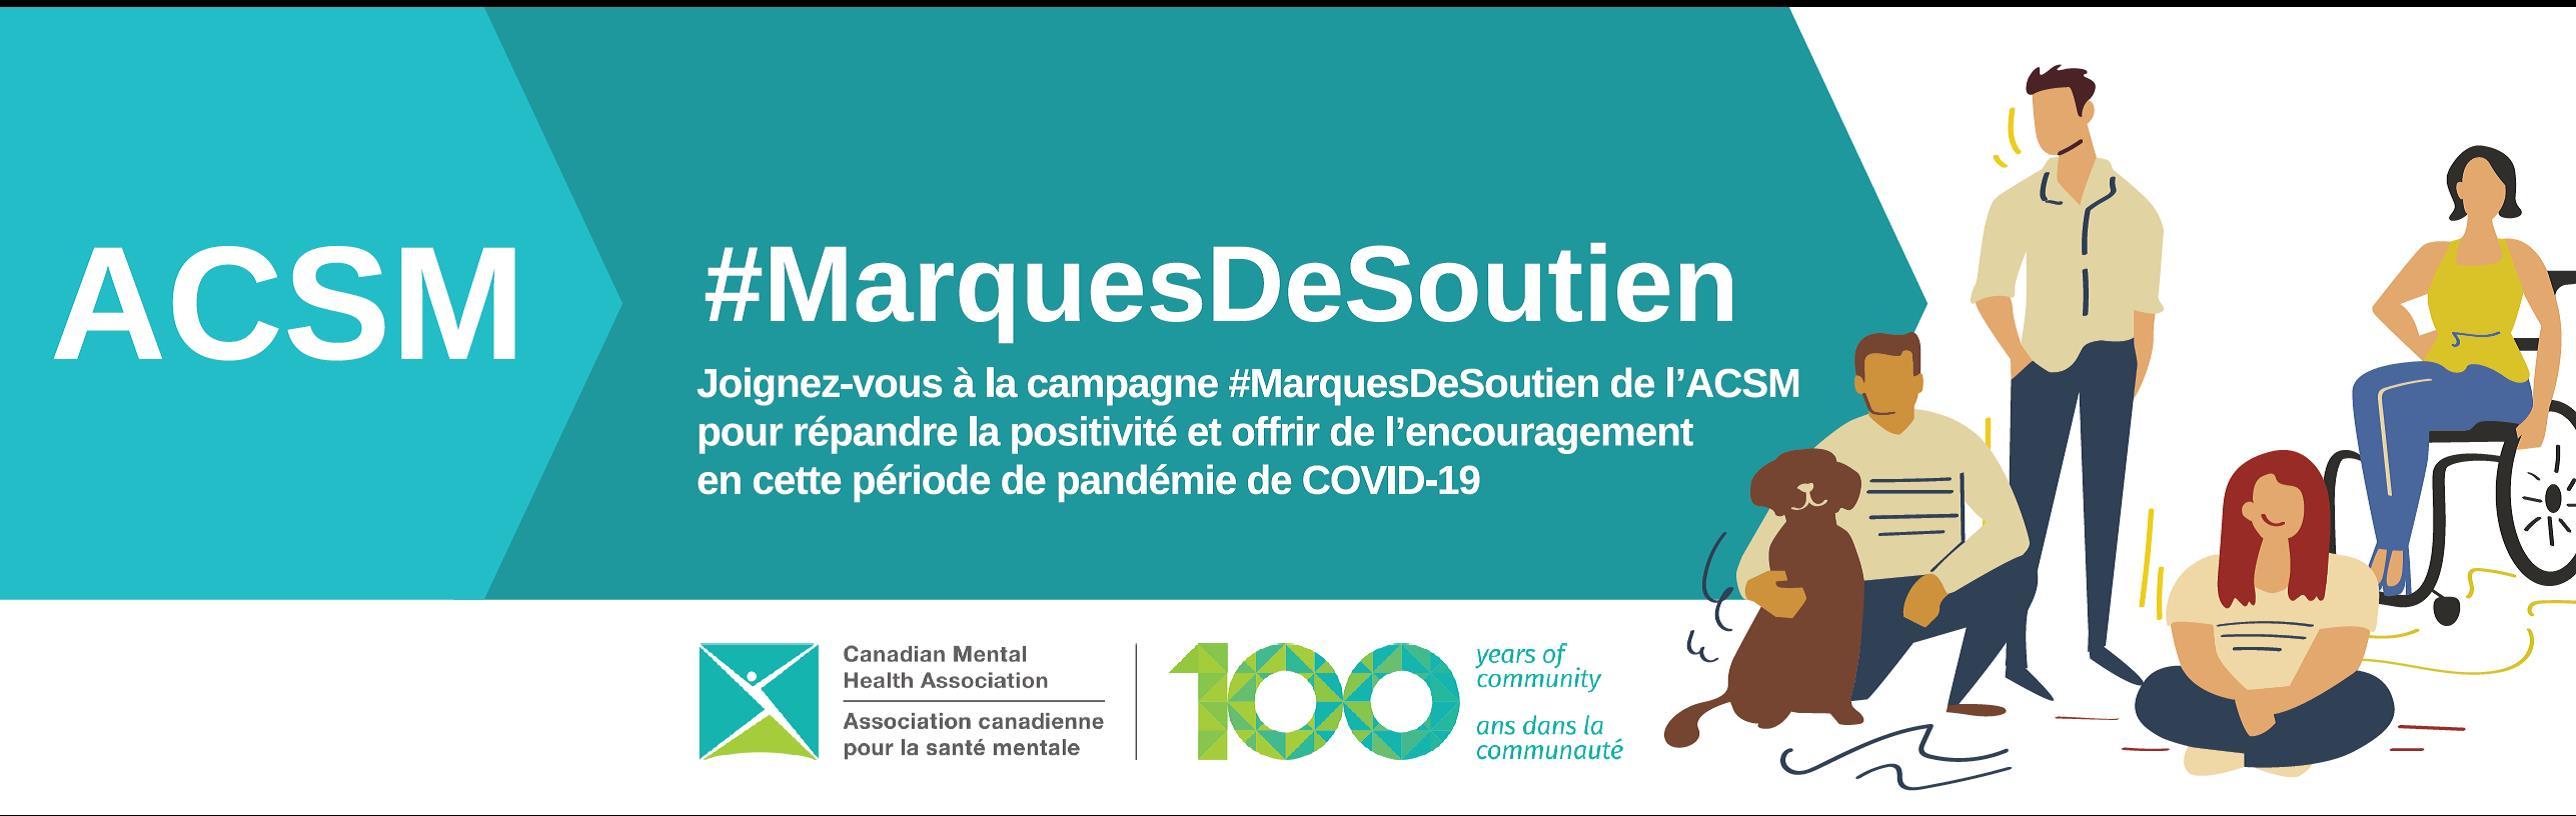 Joignez-vous à la campagne #MarquesDeSoutien de l'ACSM pour répandre la positivité et offrir de l'encouragement en cette période de pandémie de COVID-19